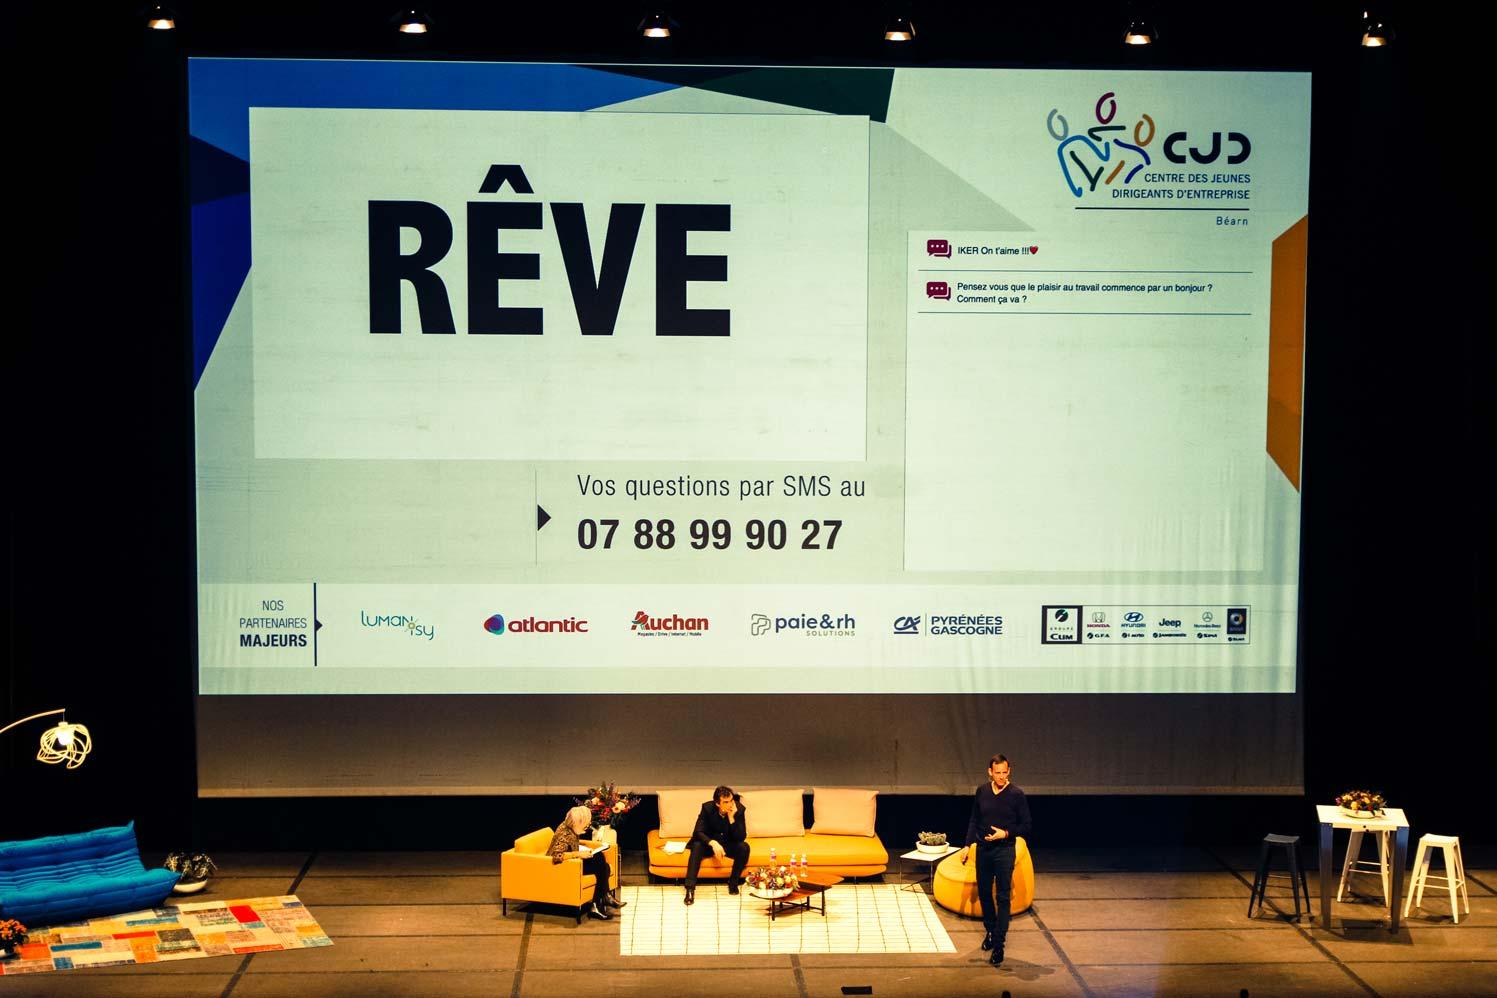 Iker Aguirre en conférence, avec Annie Lemoine et Raphaël Enthoven.